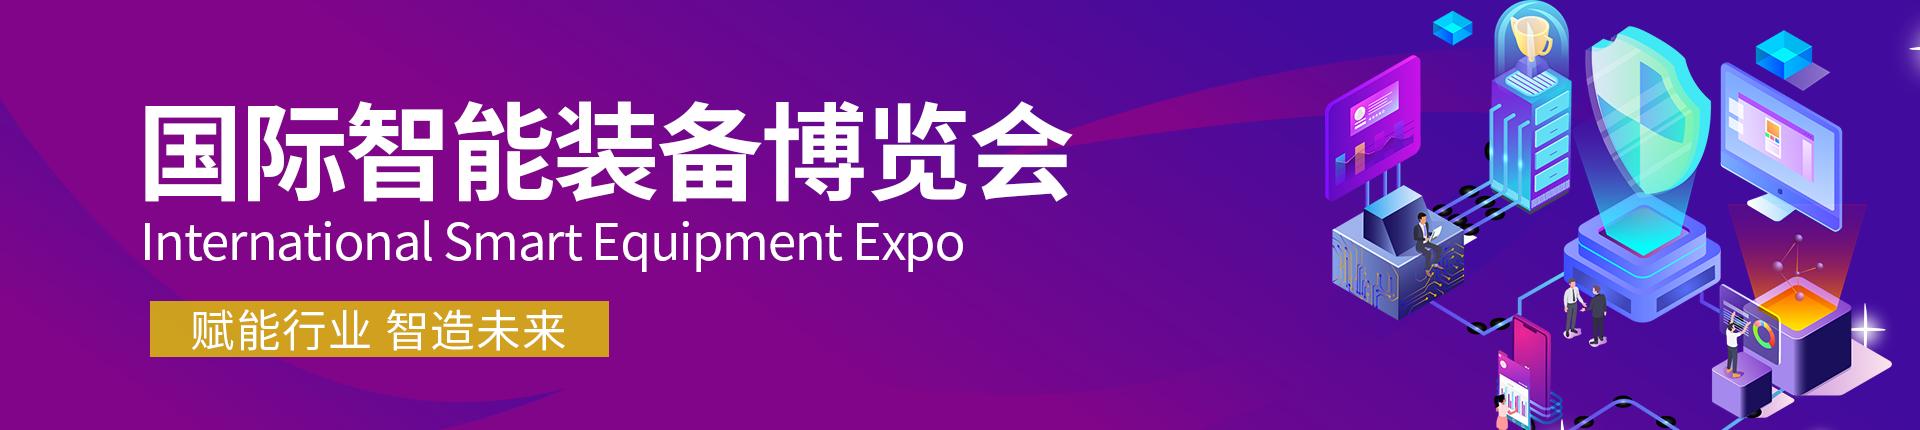 云展·国际智能装备博览会